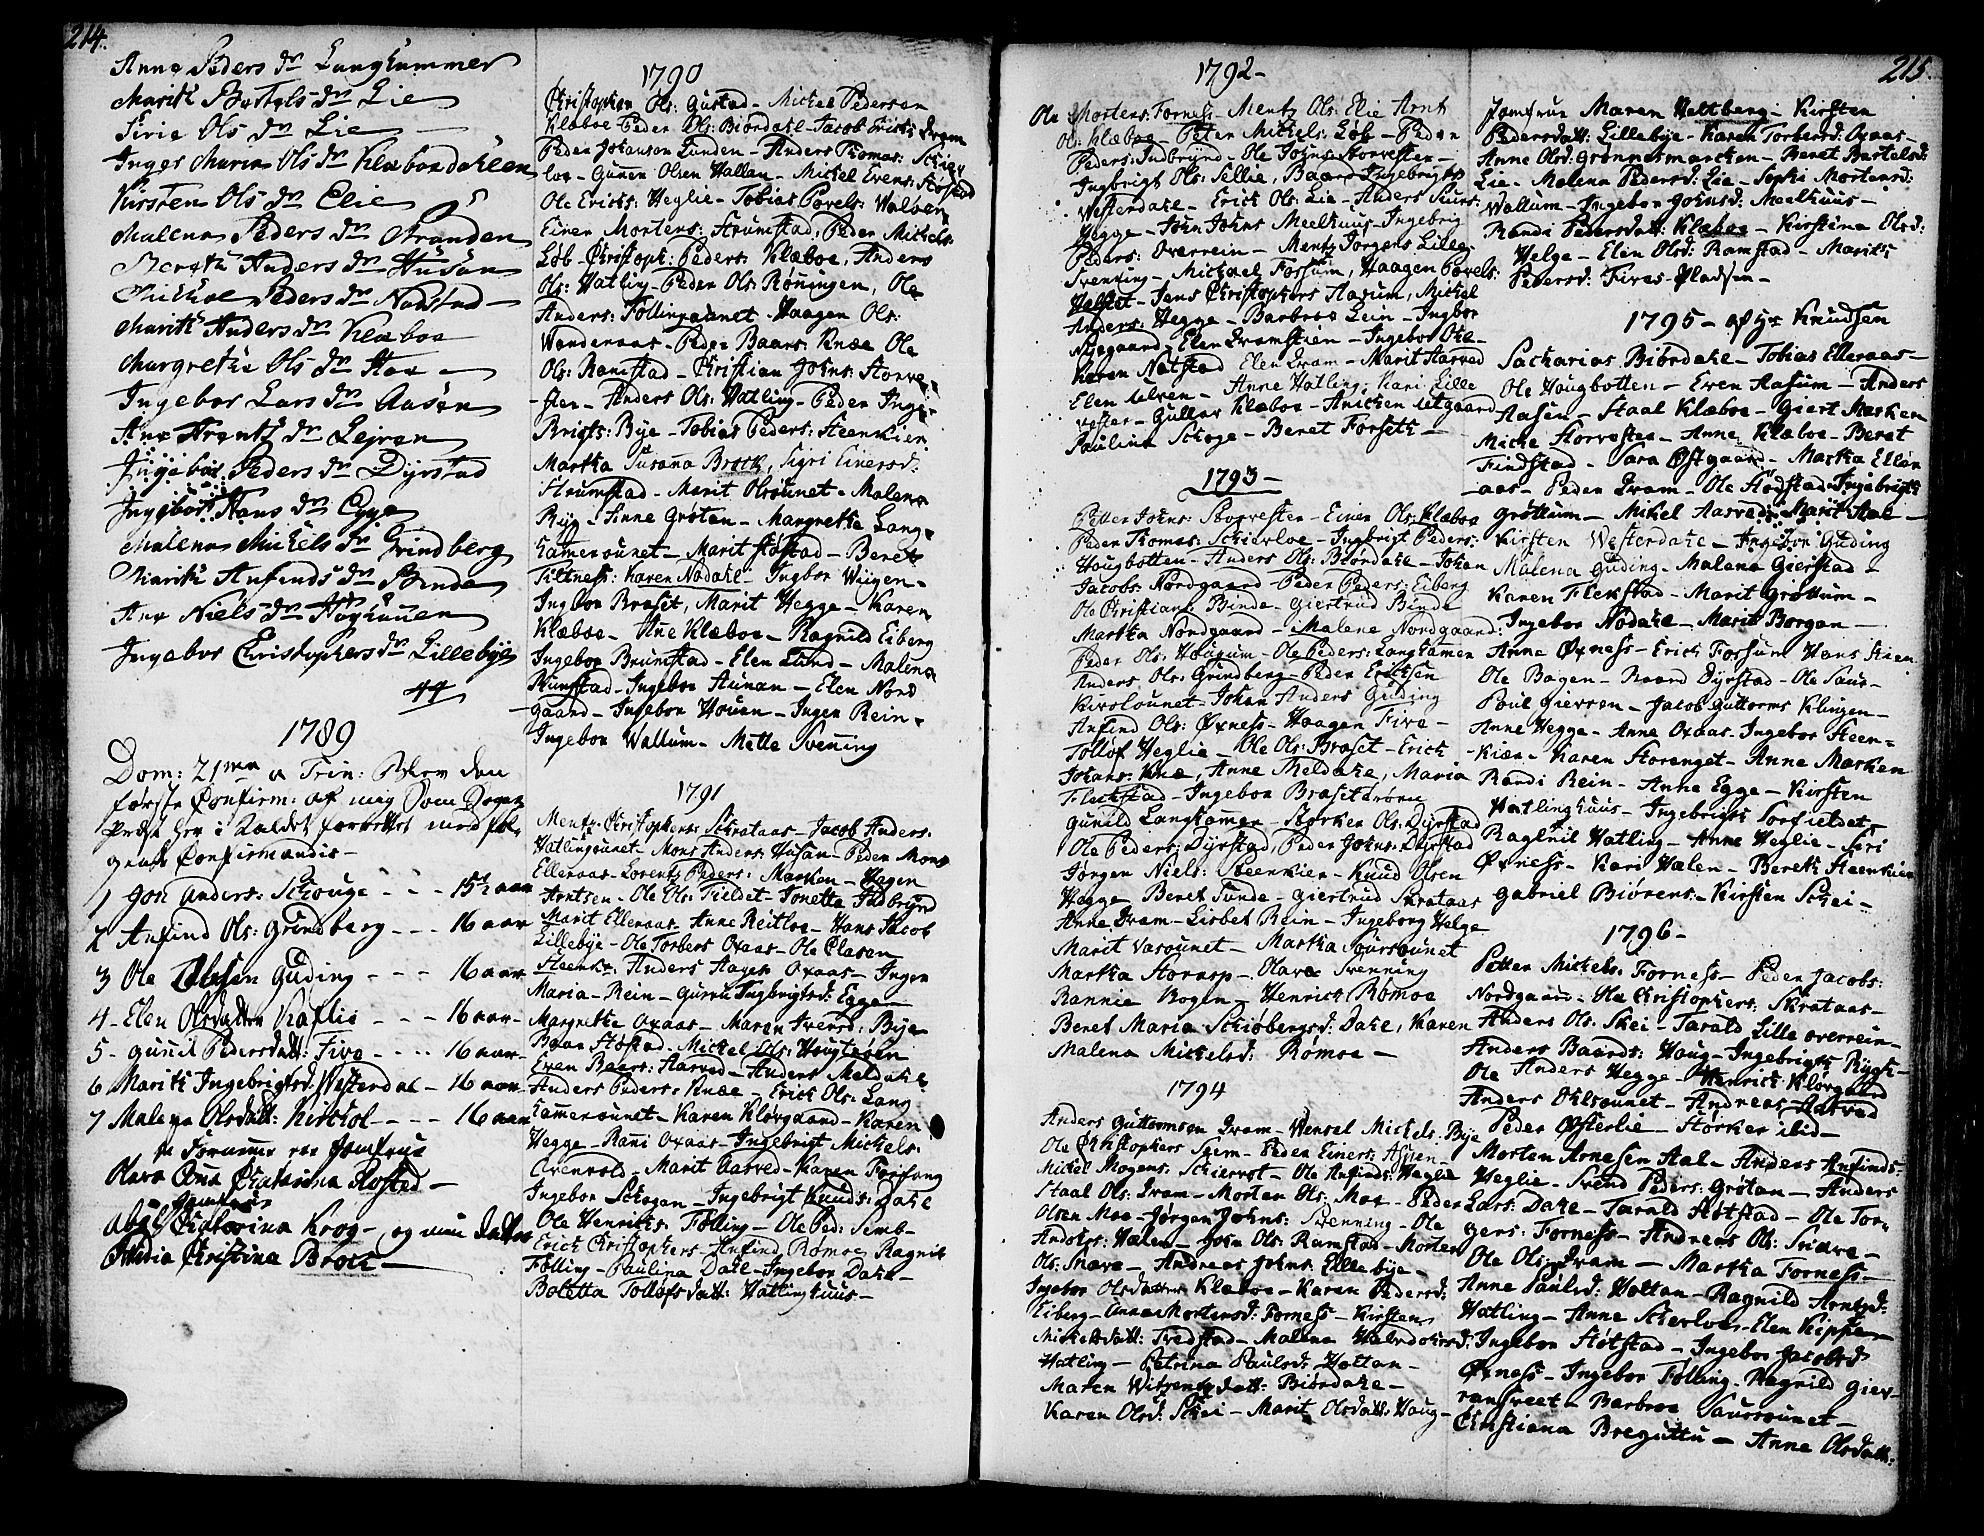 SAT, Ministerialprotokoller, klokkerbøker og fødselsregistre - Nord-Trøndelag, 746/L0440: Ministerialbok nr. 746A02, 1760-1815, s. 214-215